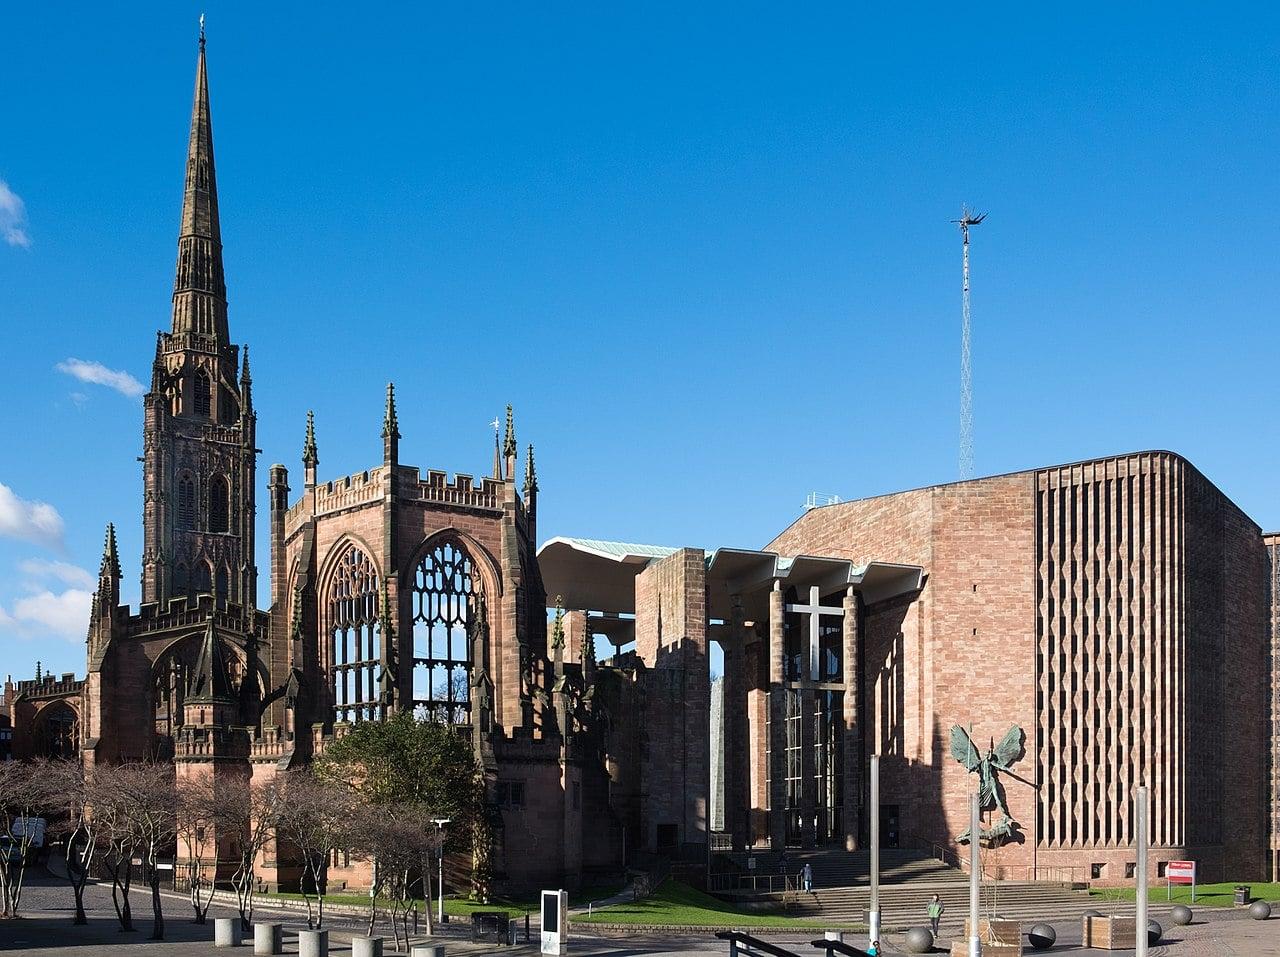 Lugares Turísticos de Coventry